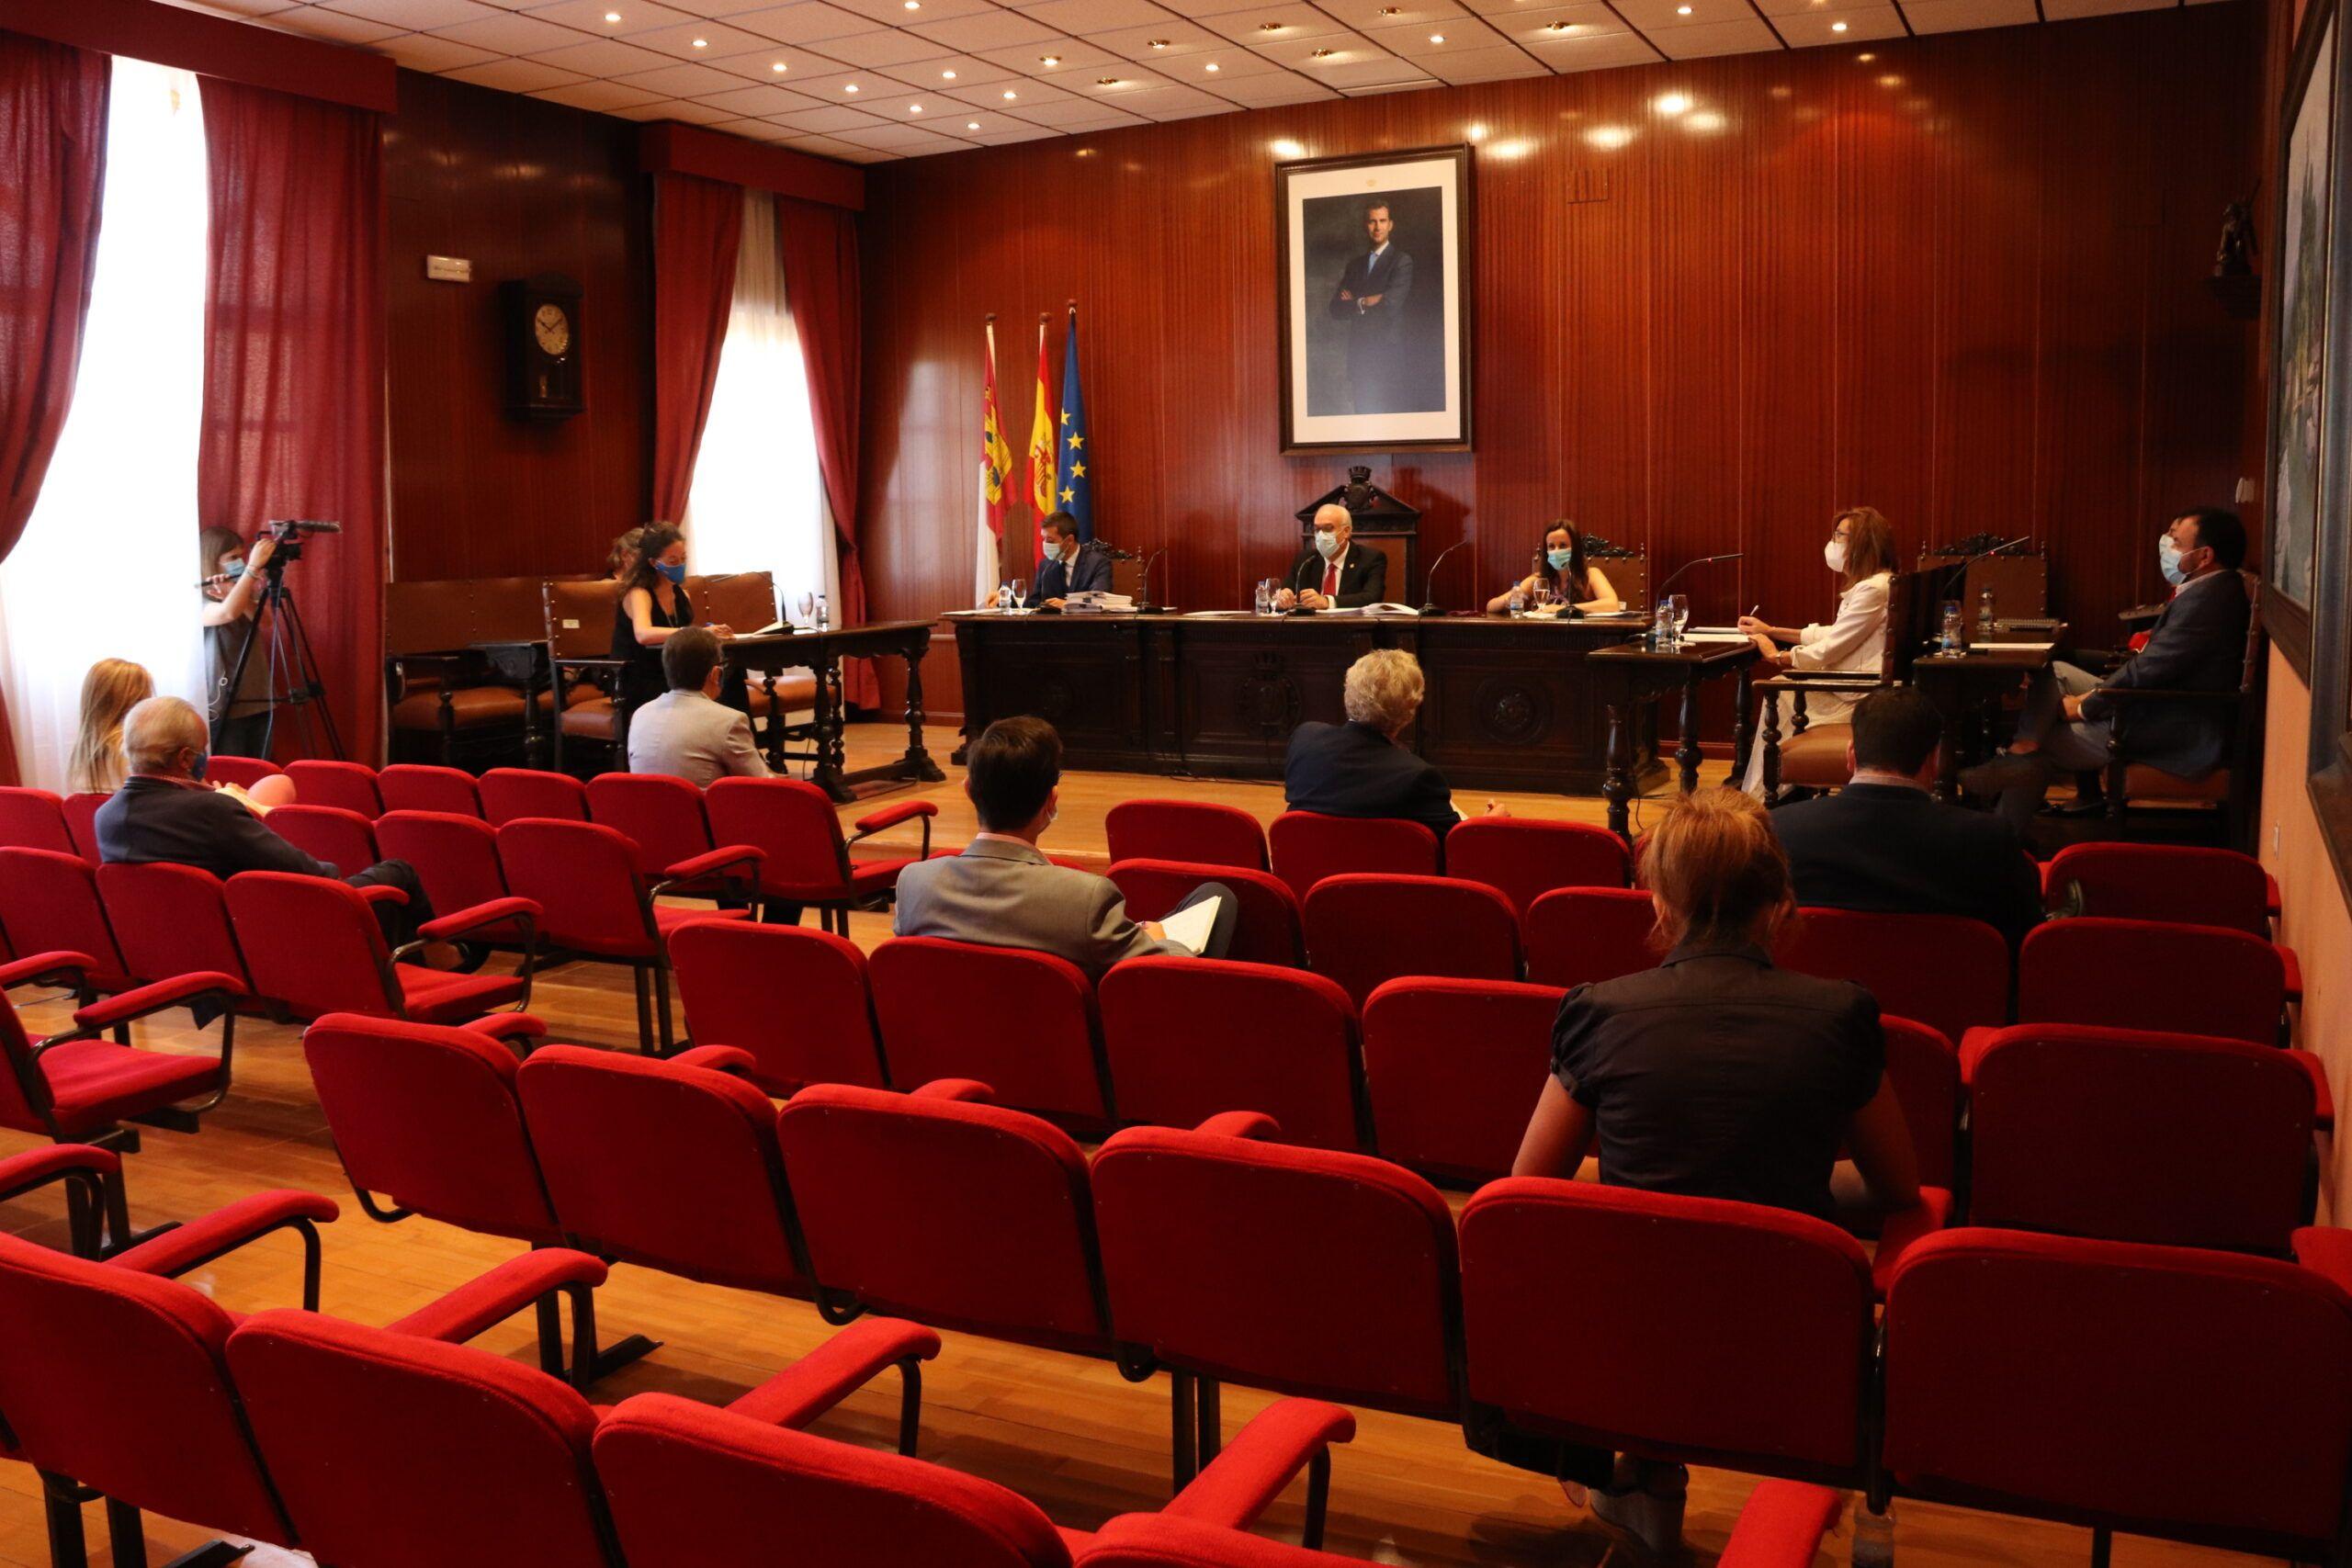 Laura Carrillo tomará posesión como concejala en el pleno del lunes